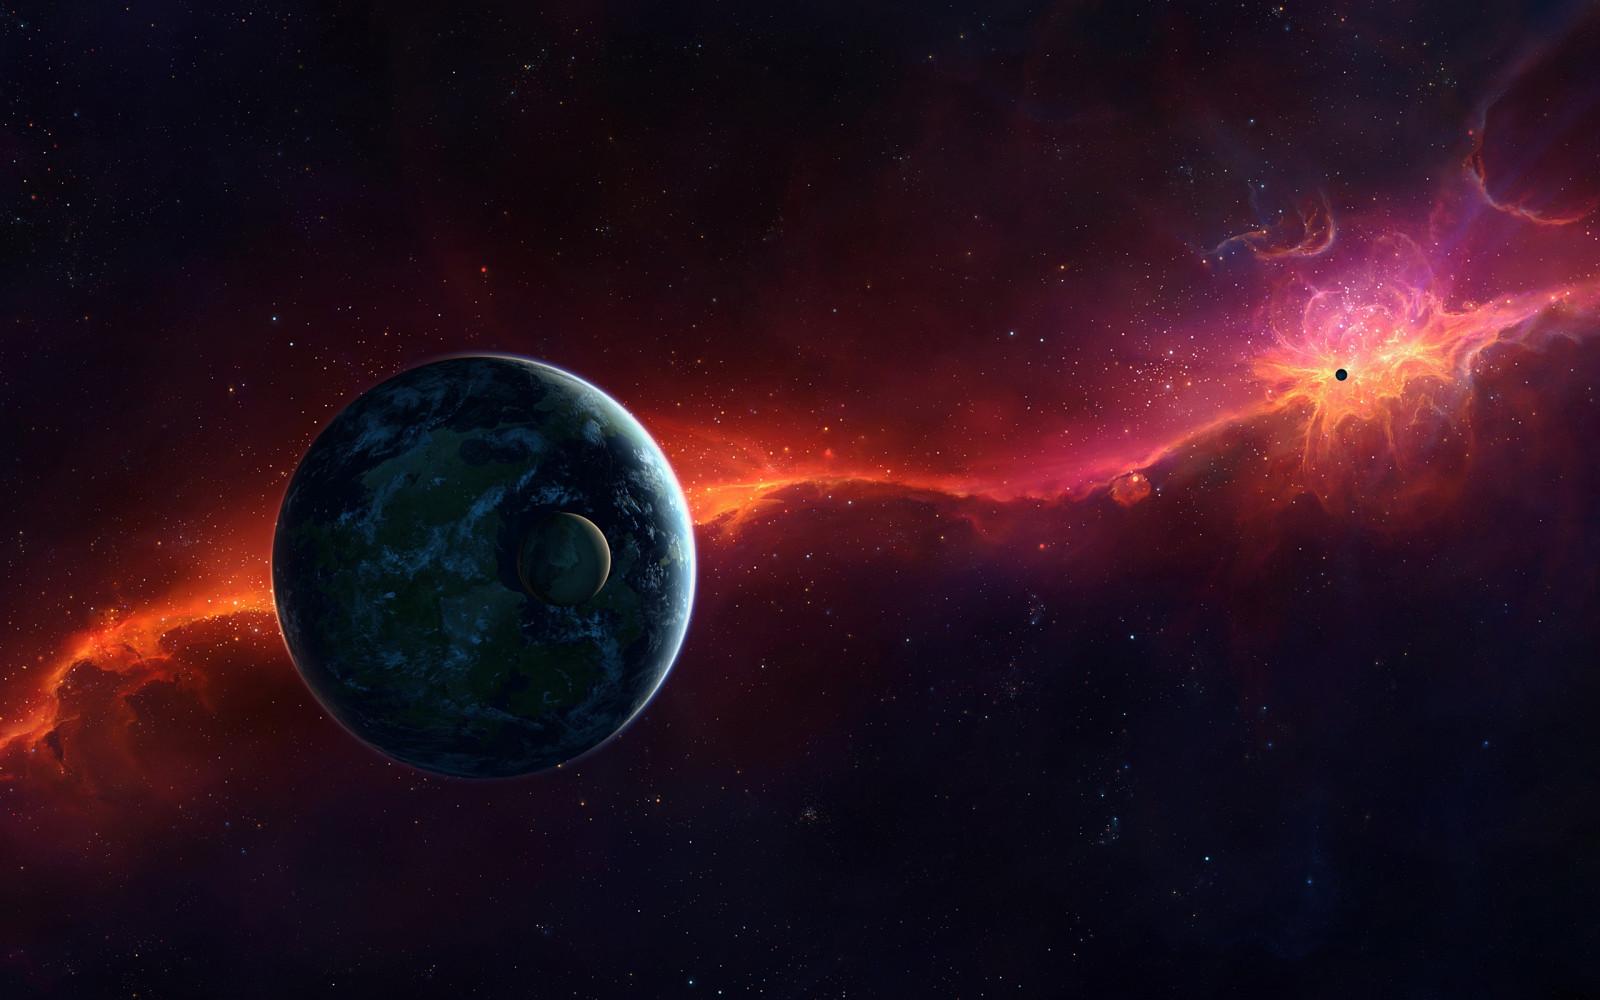 La Credenza Di Schrodinger : Fisica quantistica u laurin